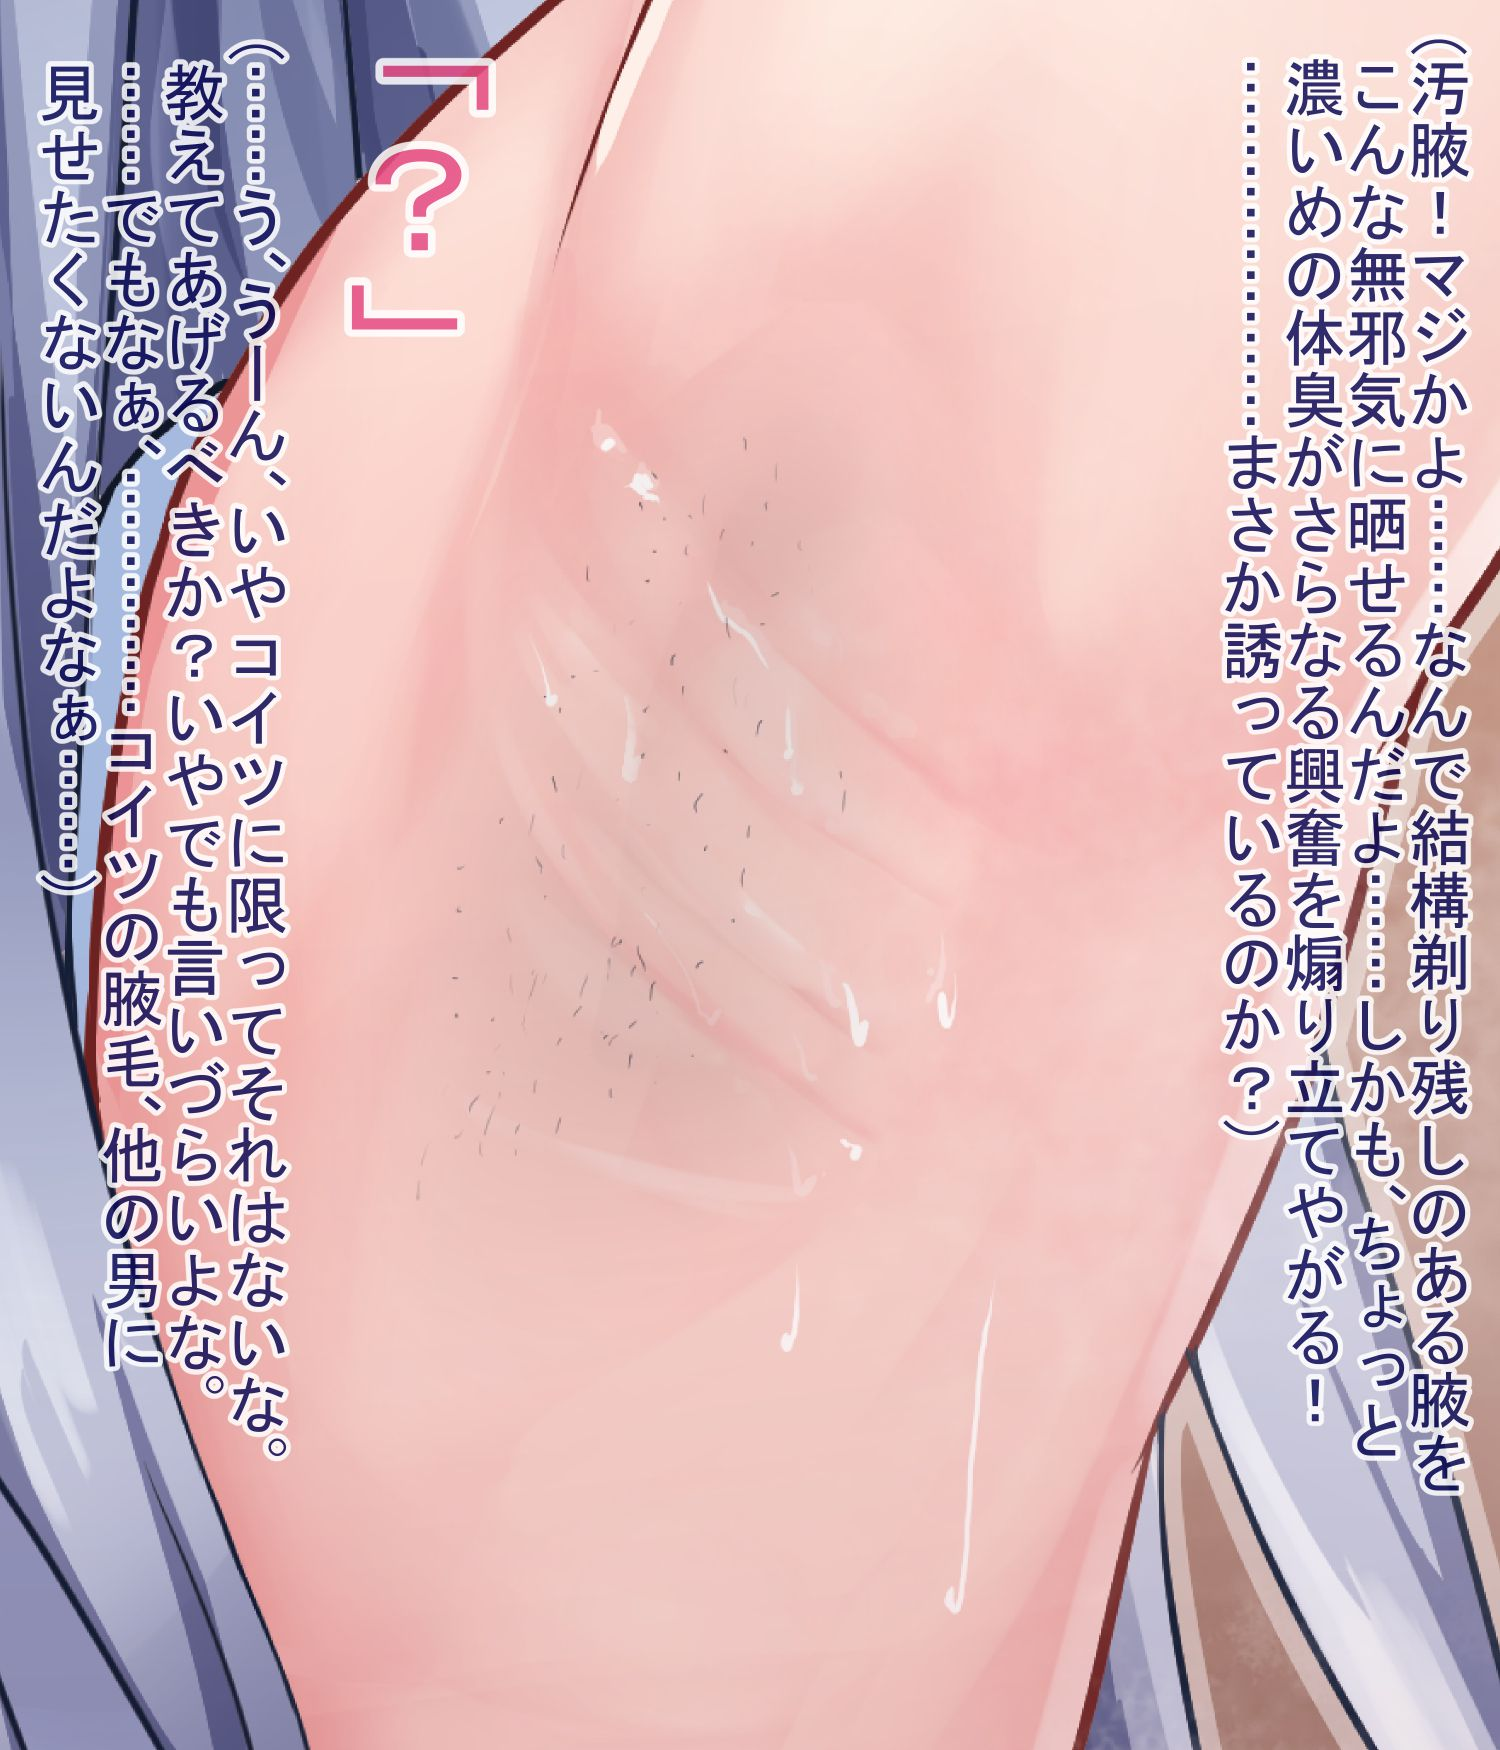 armpits hair steam076